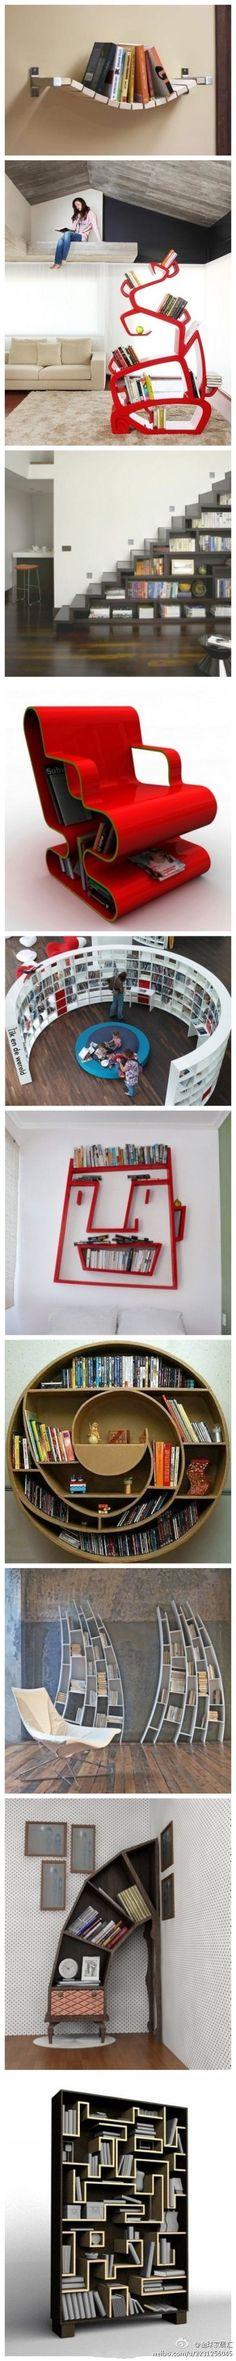 So many neat bookshelves